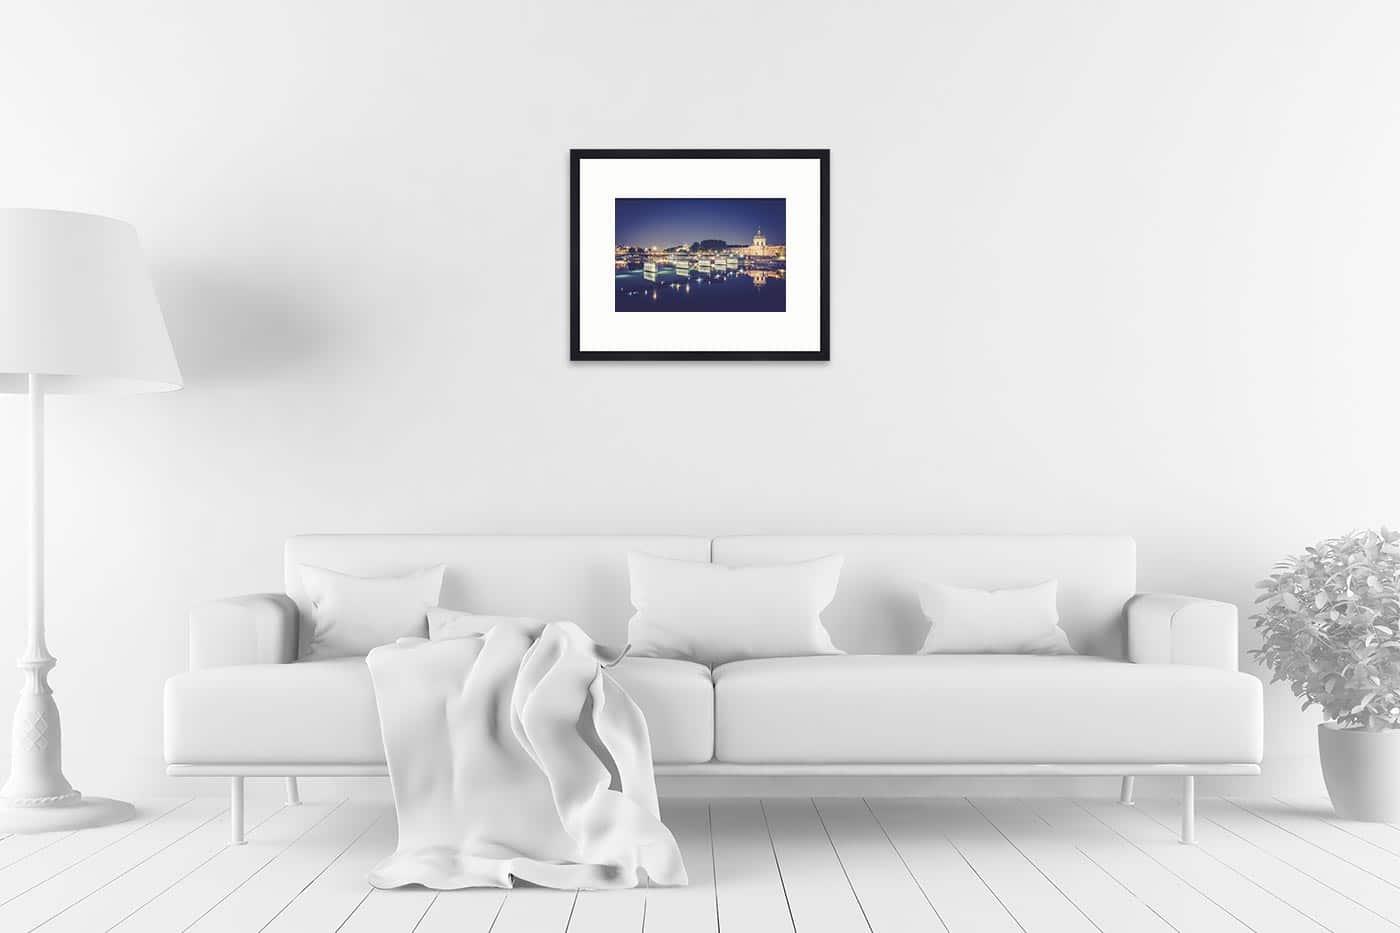 Cadre galerie 40x50 Paris 21H59